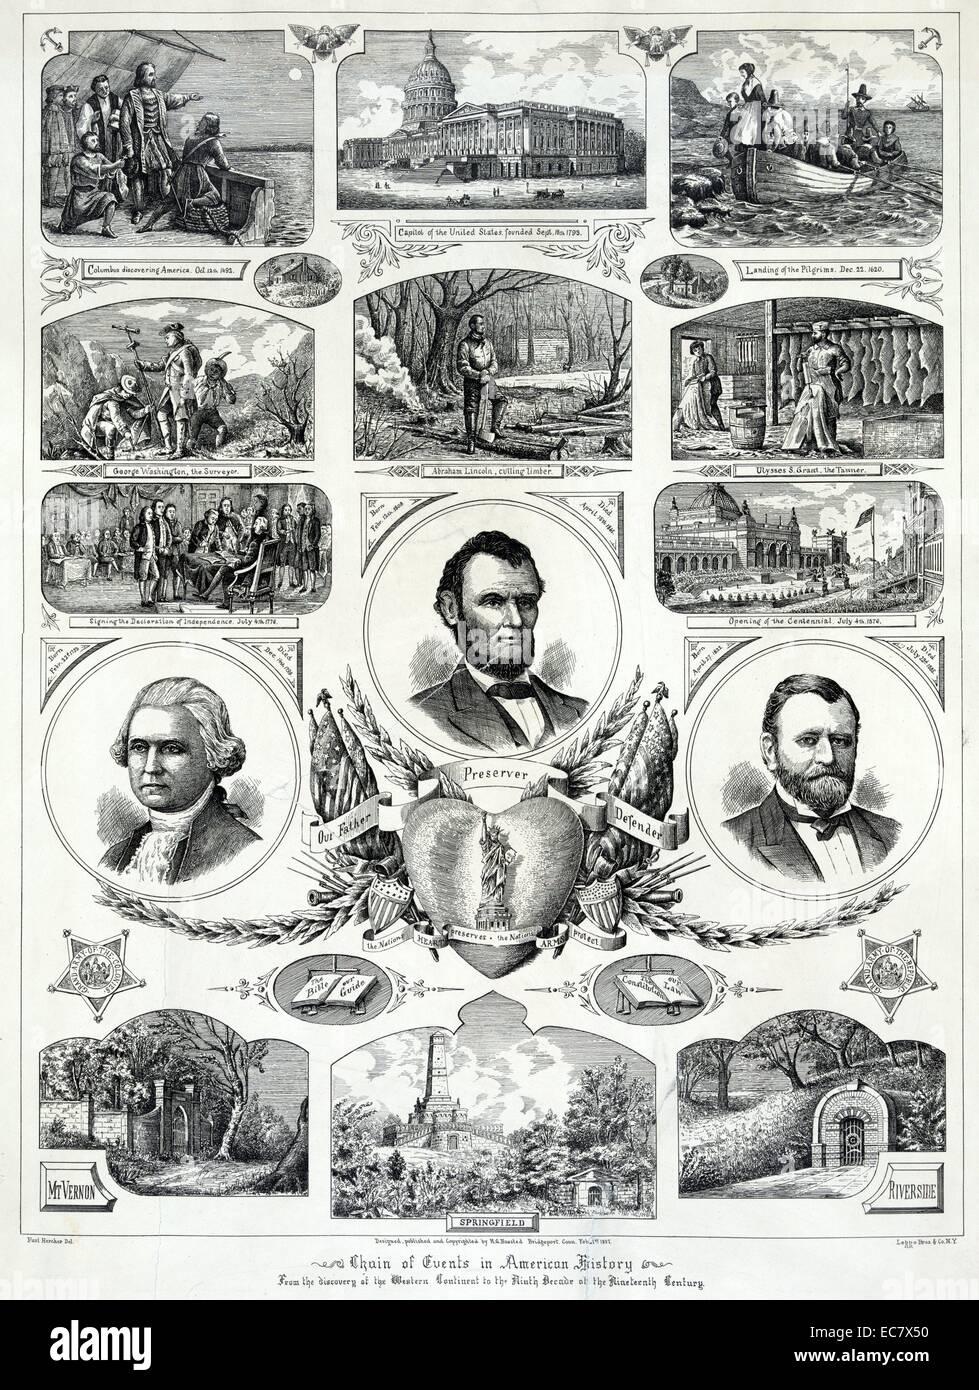 Seleccione los eventos de la historia americana Imagen De Stock